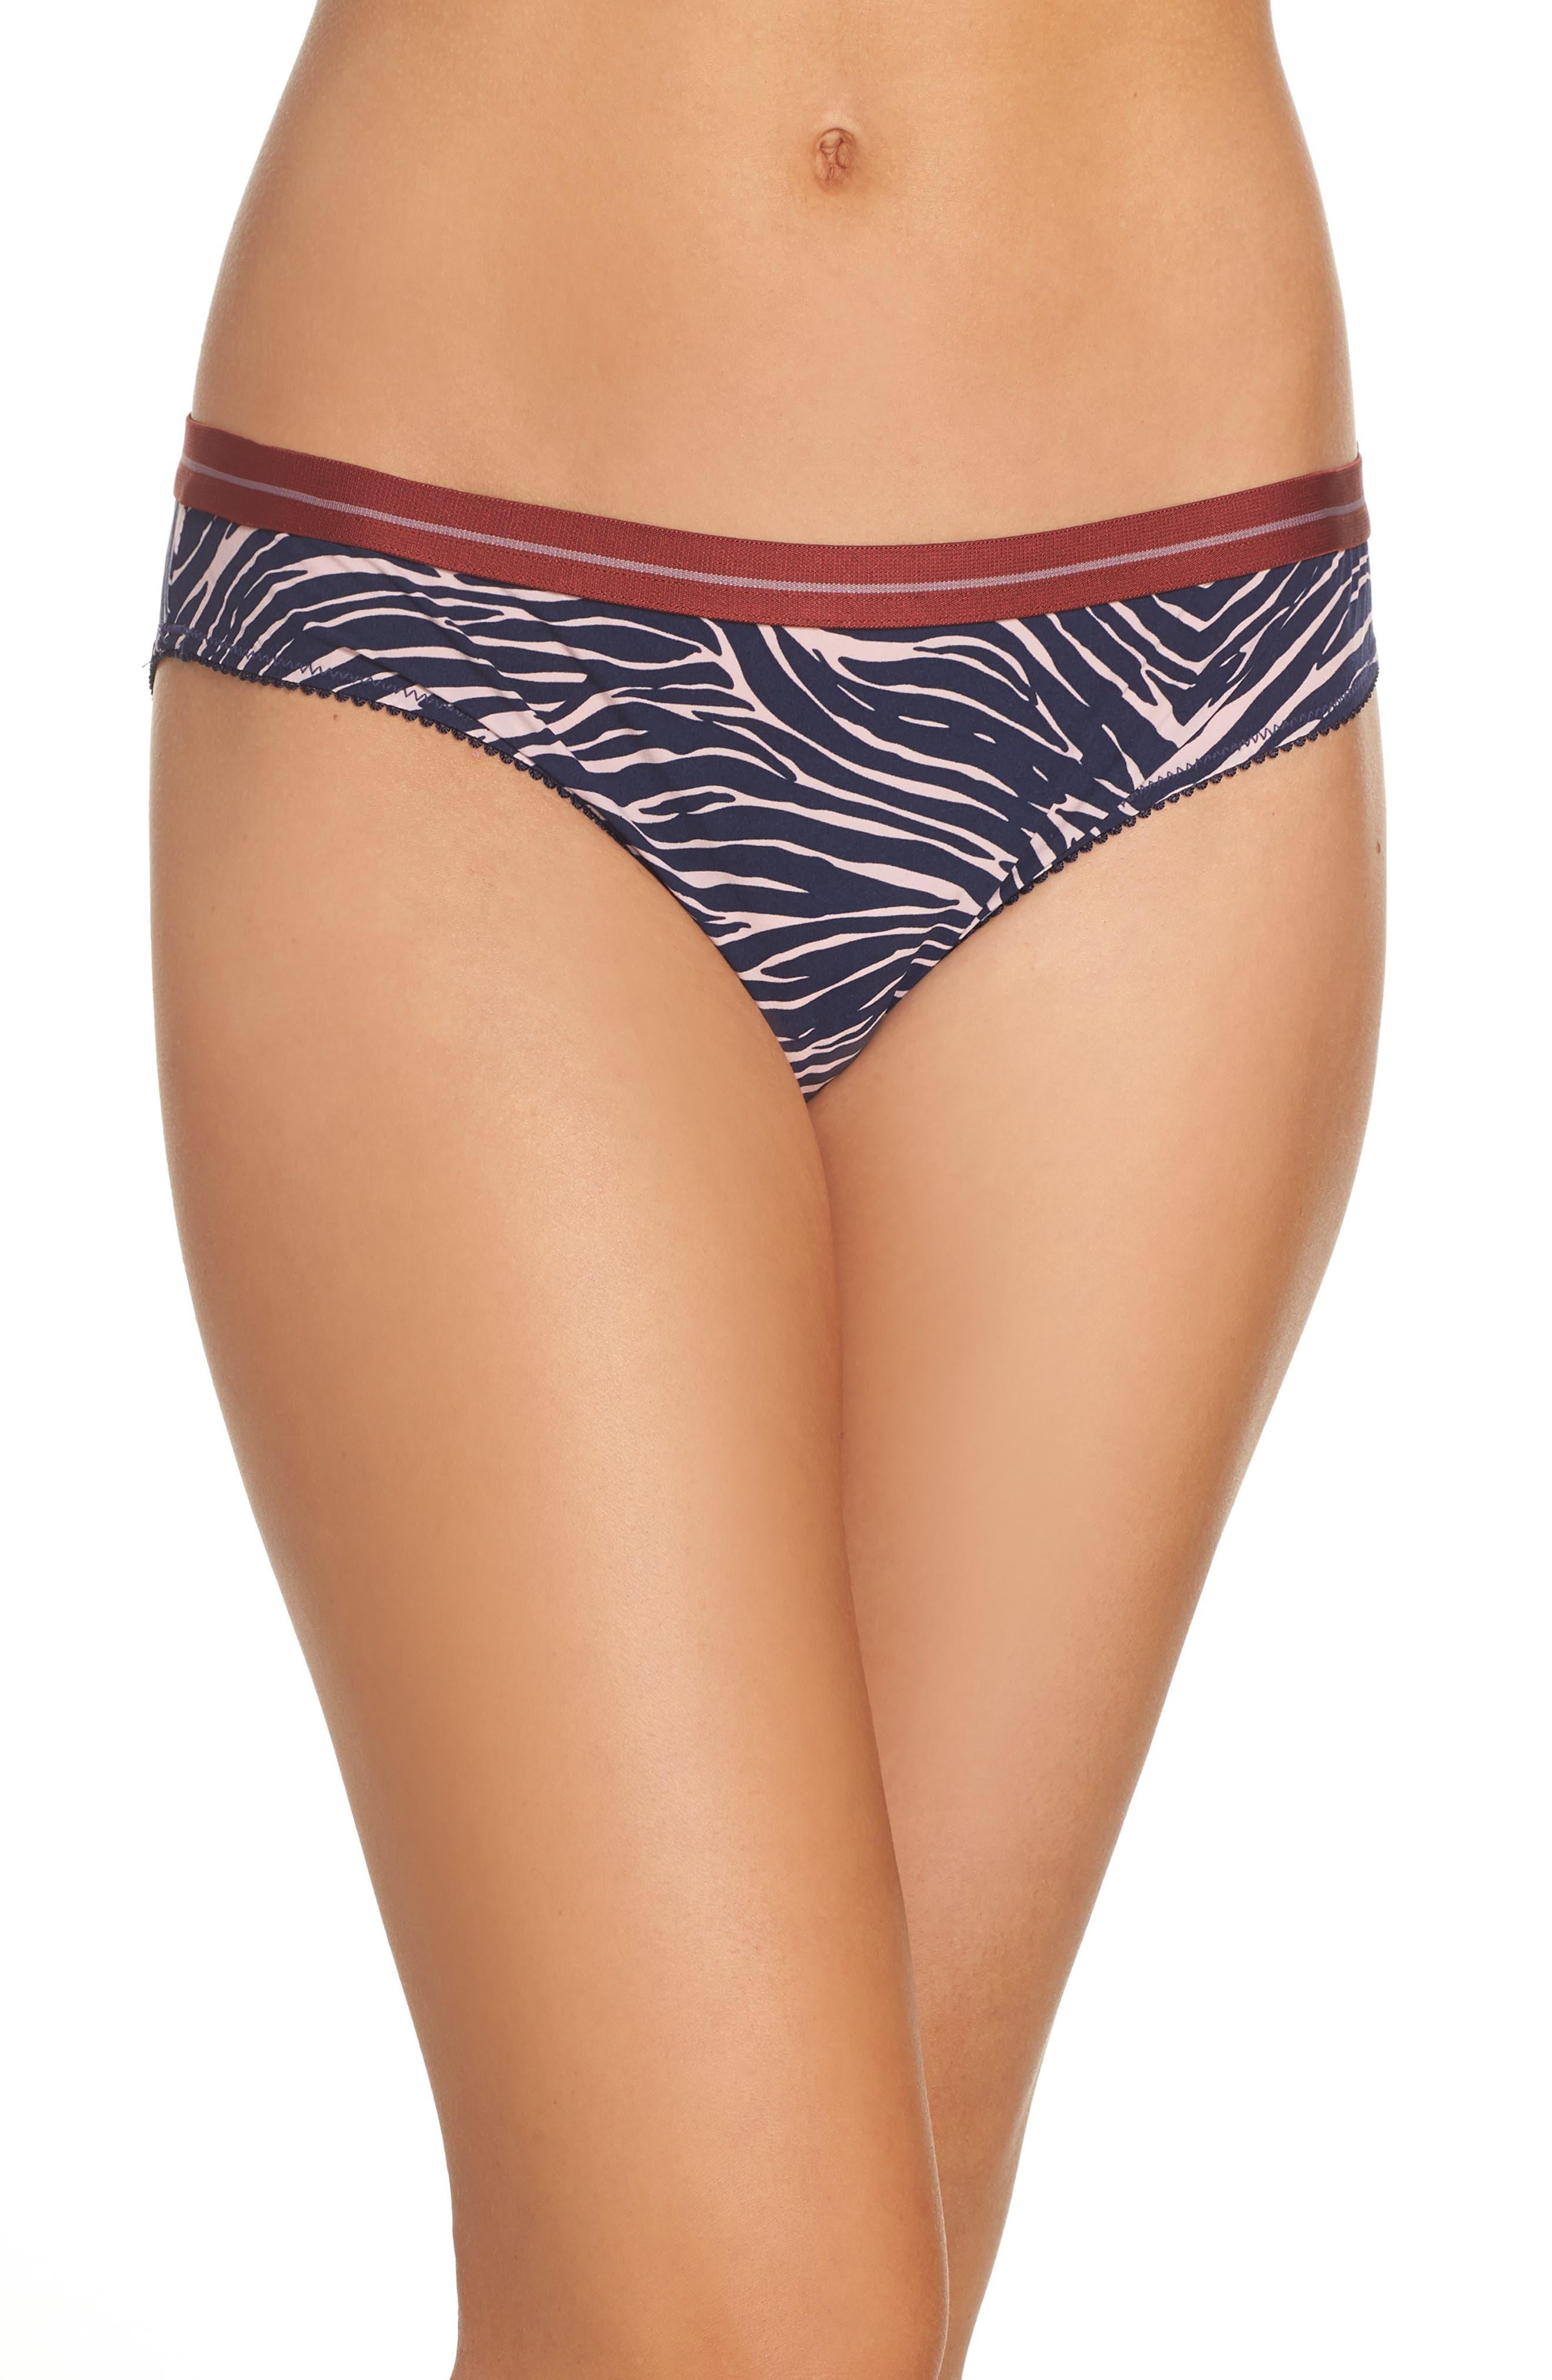 Firecracker Bikini,                         Main,                         color, 001